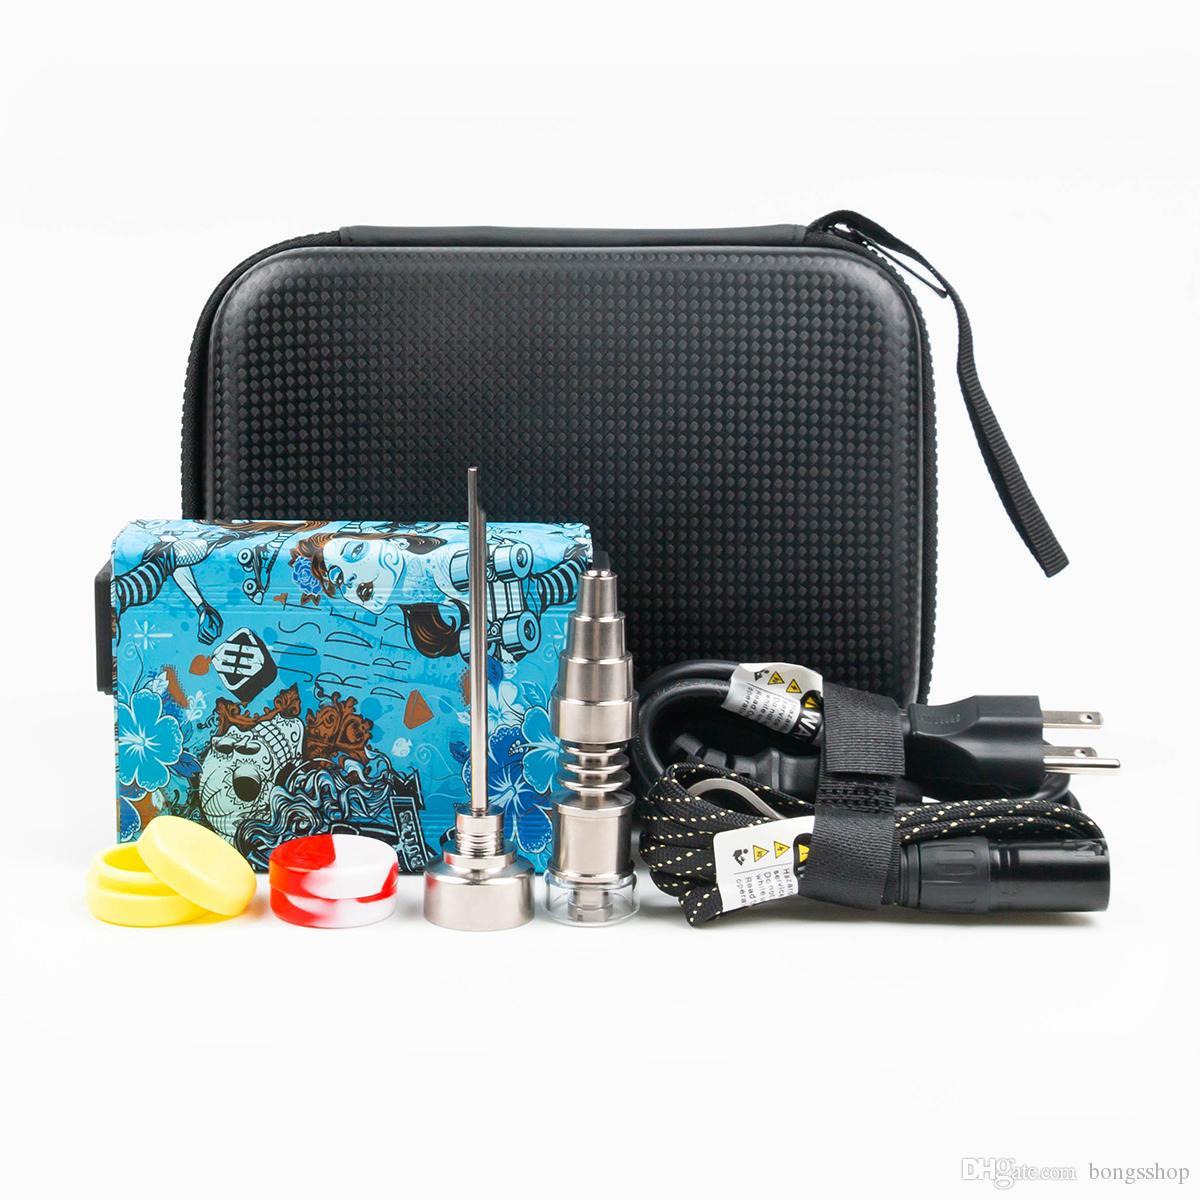 Portátil E-prego Elétrico Dab Pen Rig Rig Wax PID Caixa de cachimbo de água com titânio Aquecedor de bobina de bobina de quartzo Kit de silicone